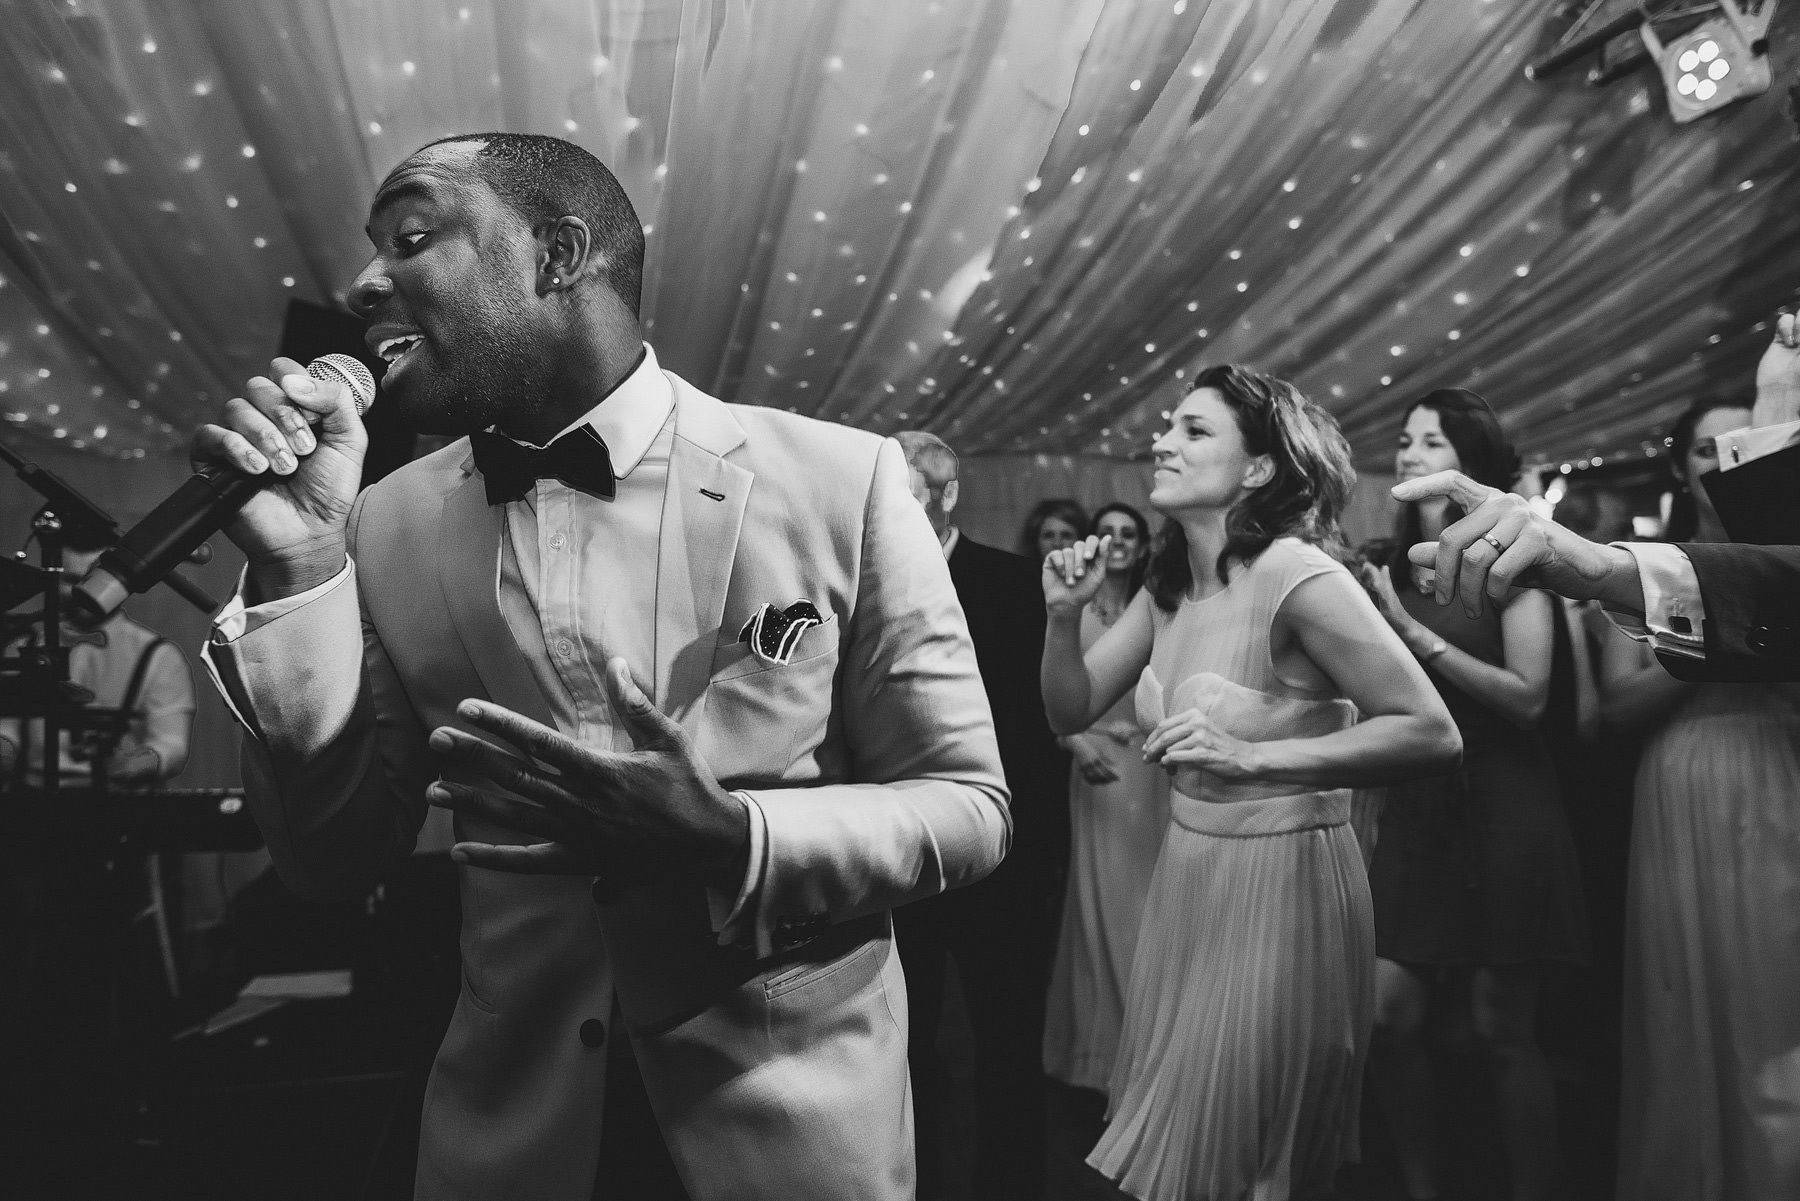 pinata's at weddings